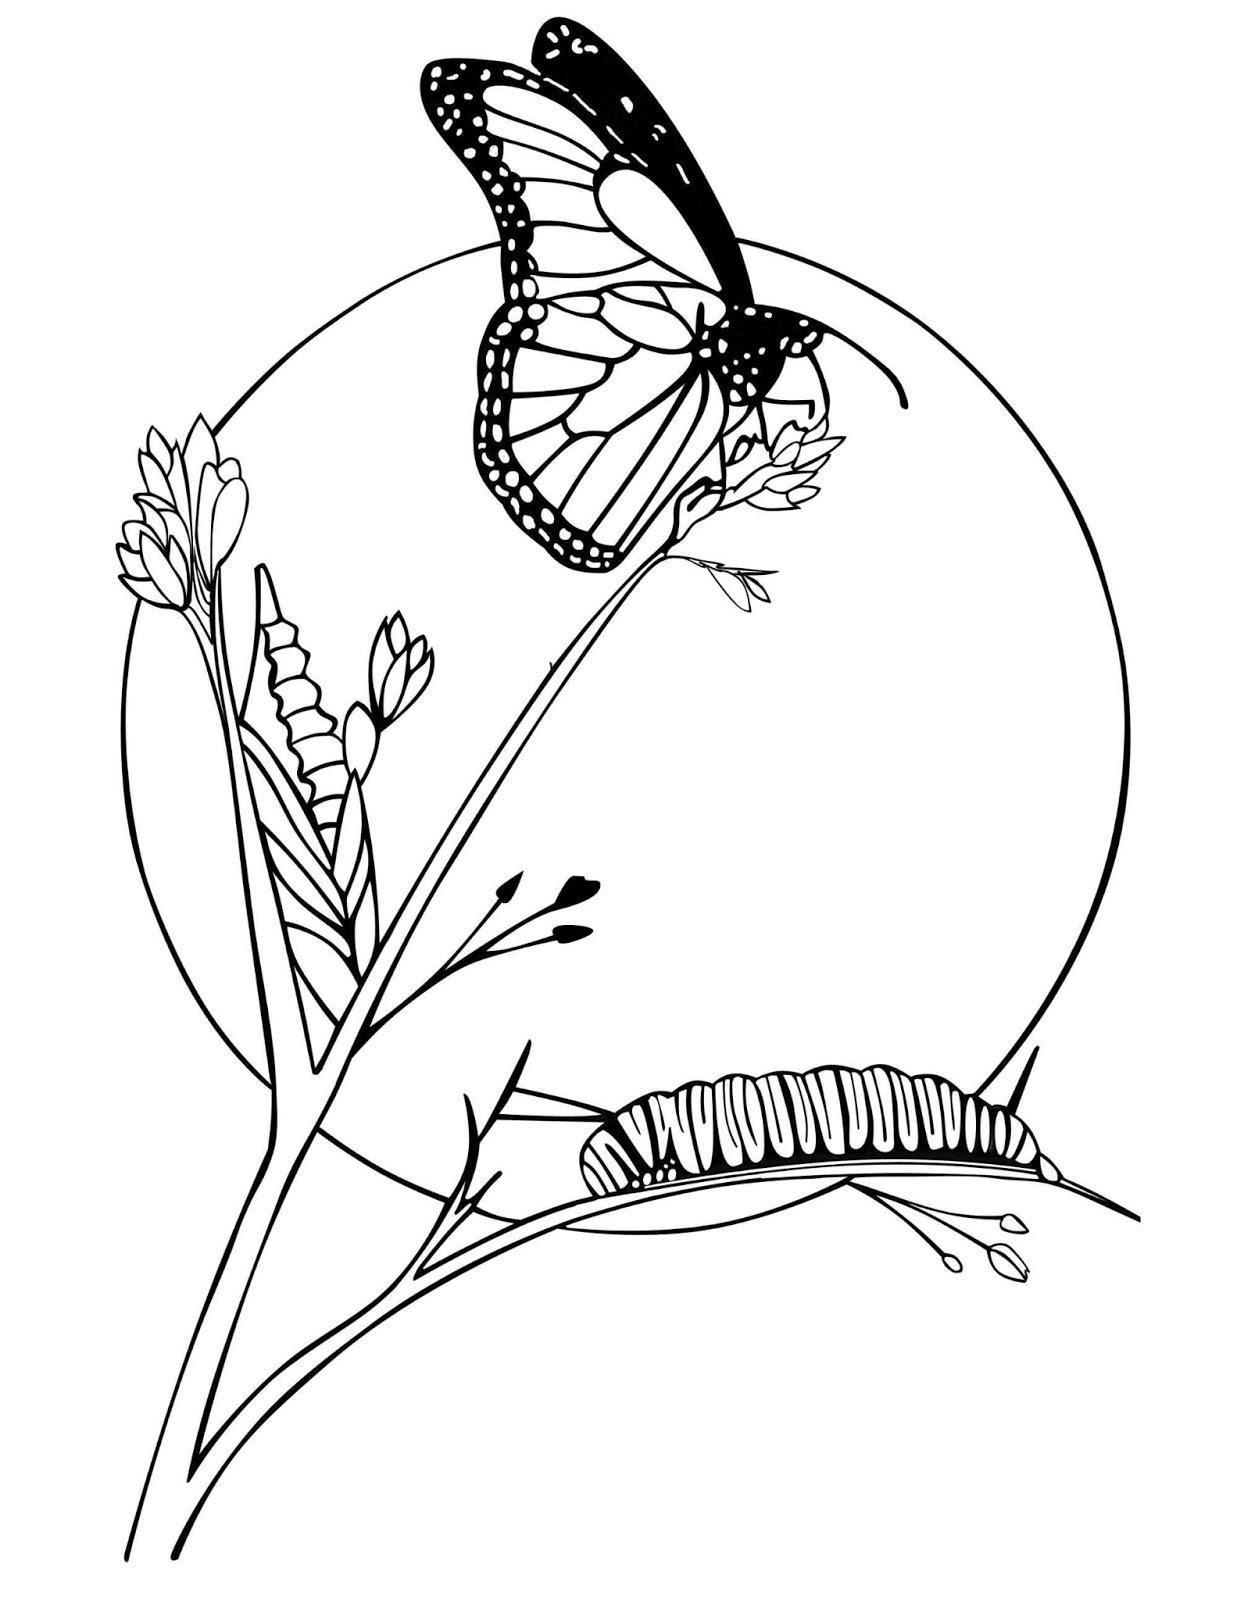 Sketsa Gambar Kupu Kupu Hinggap Di Bunga Sobsketsa